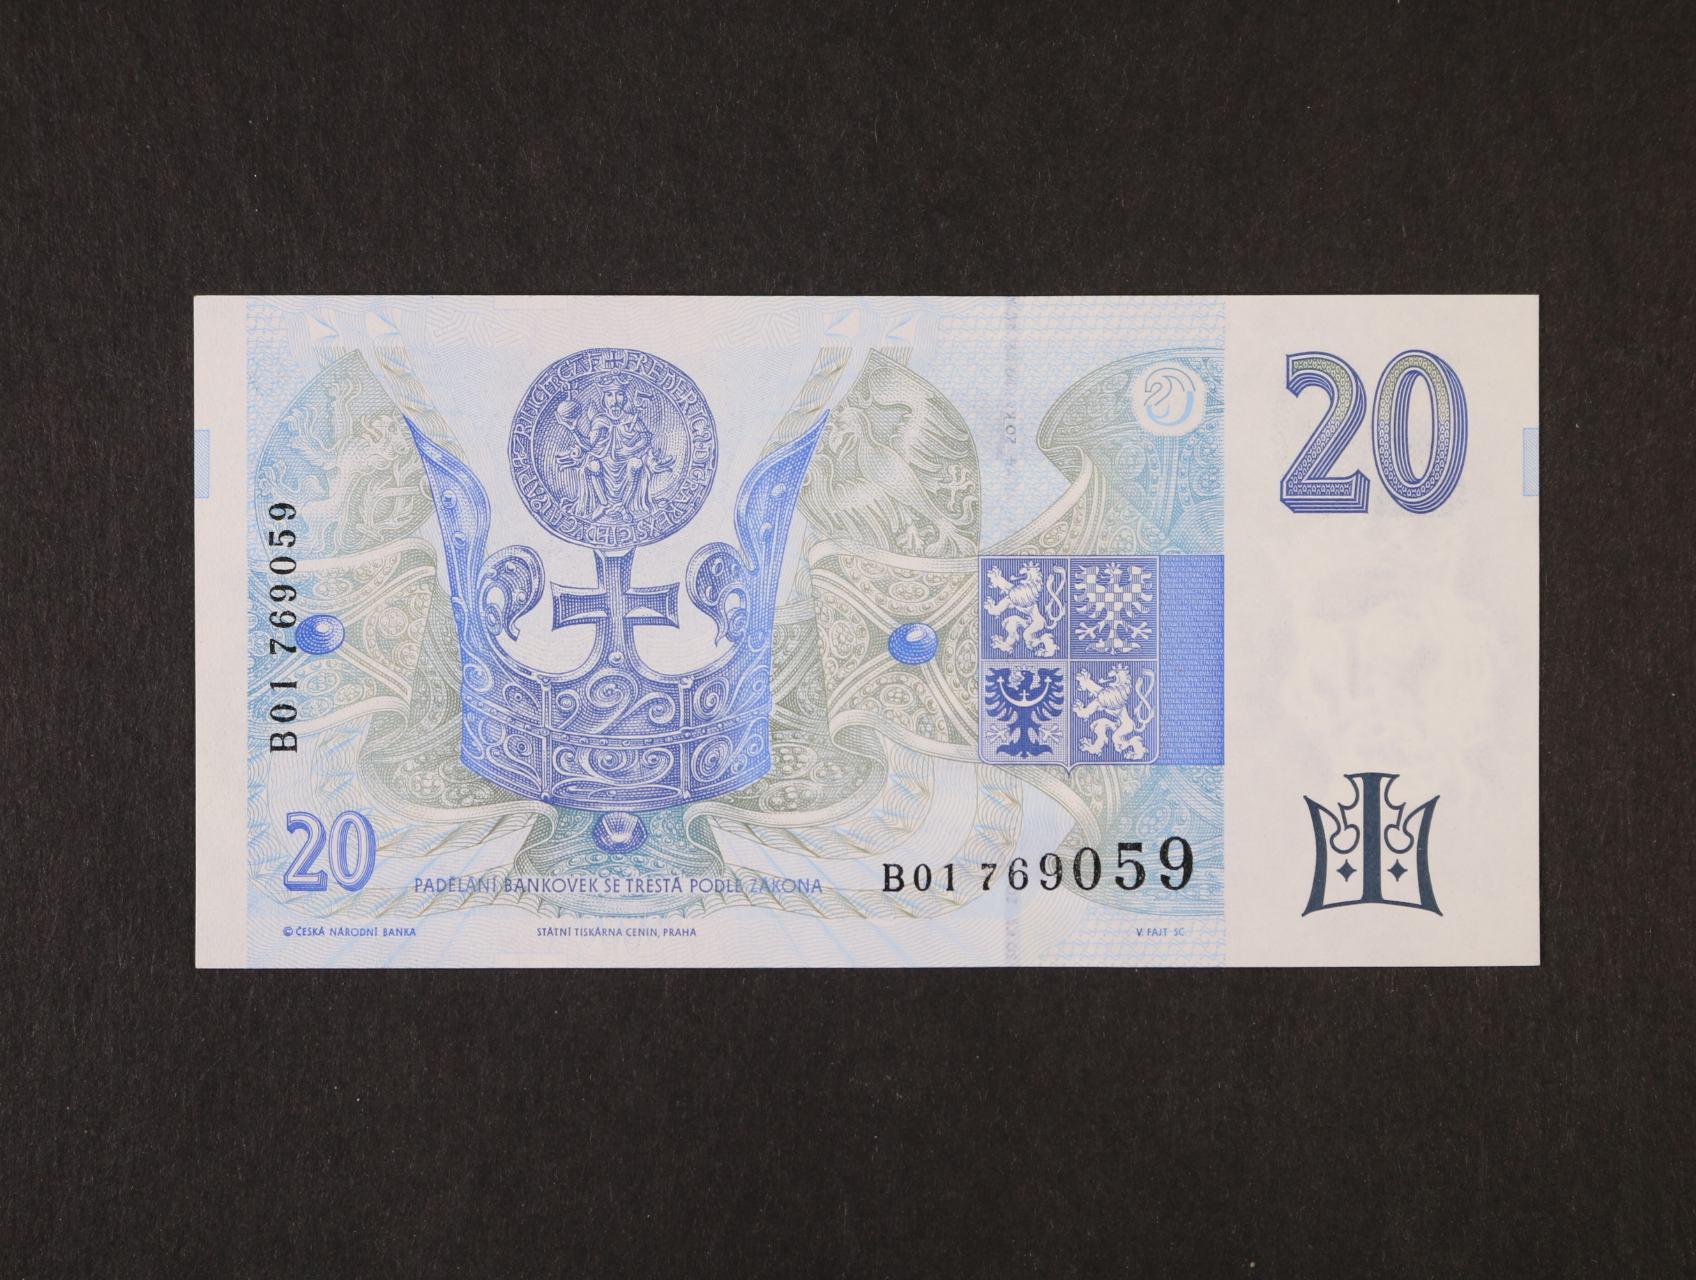 200 Kč 1996 série B 01, Ba. CZ 14, Pi. 13a